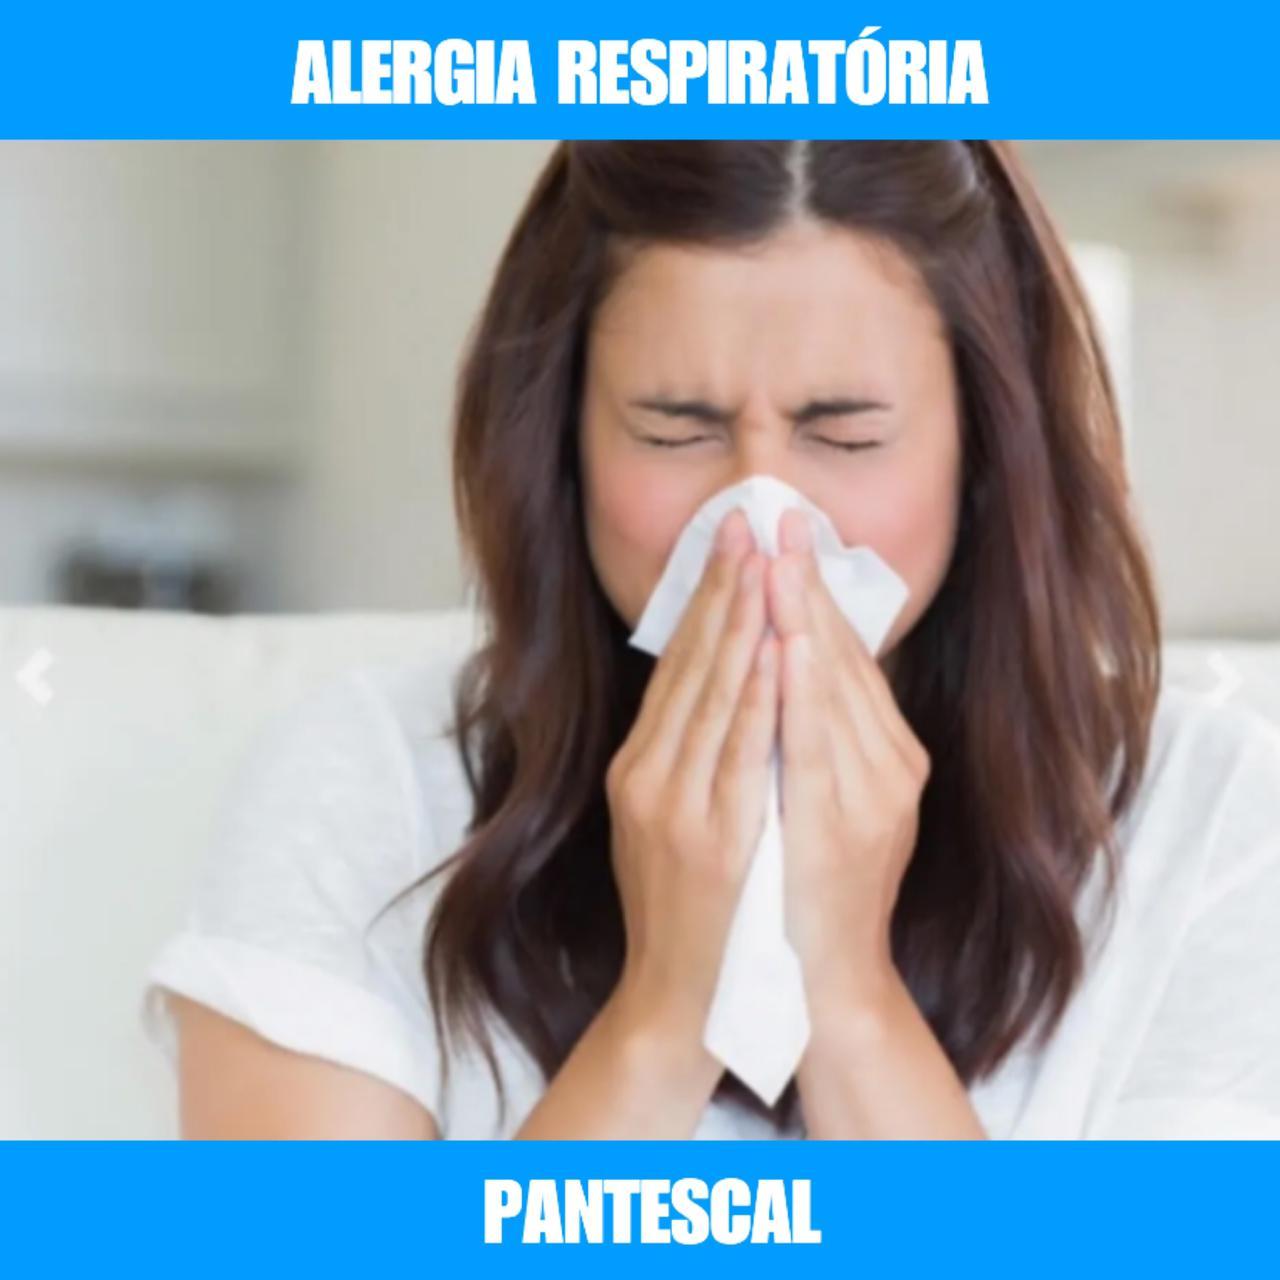 PANTESCAL - ALERGIA RESPIRATÓRIA